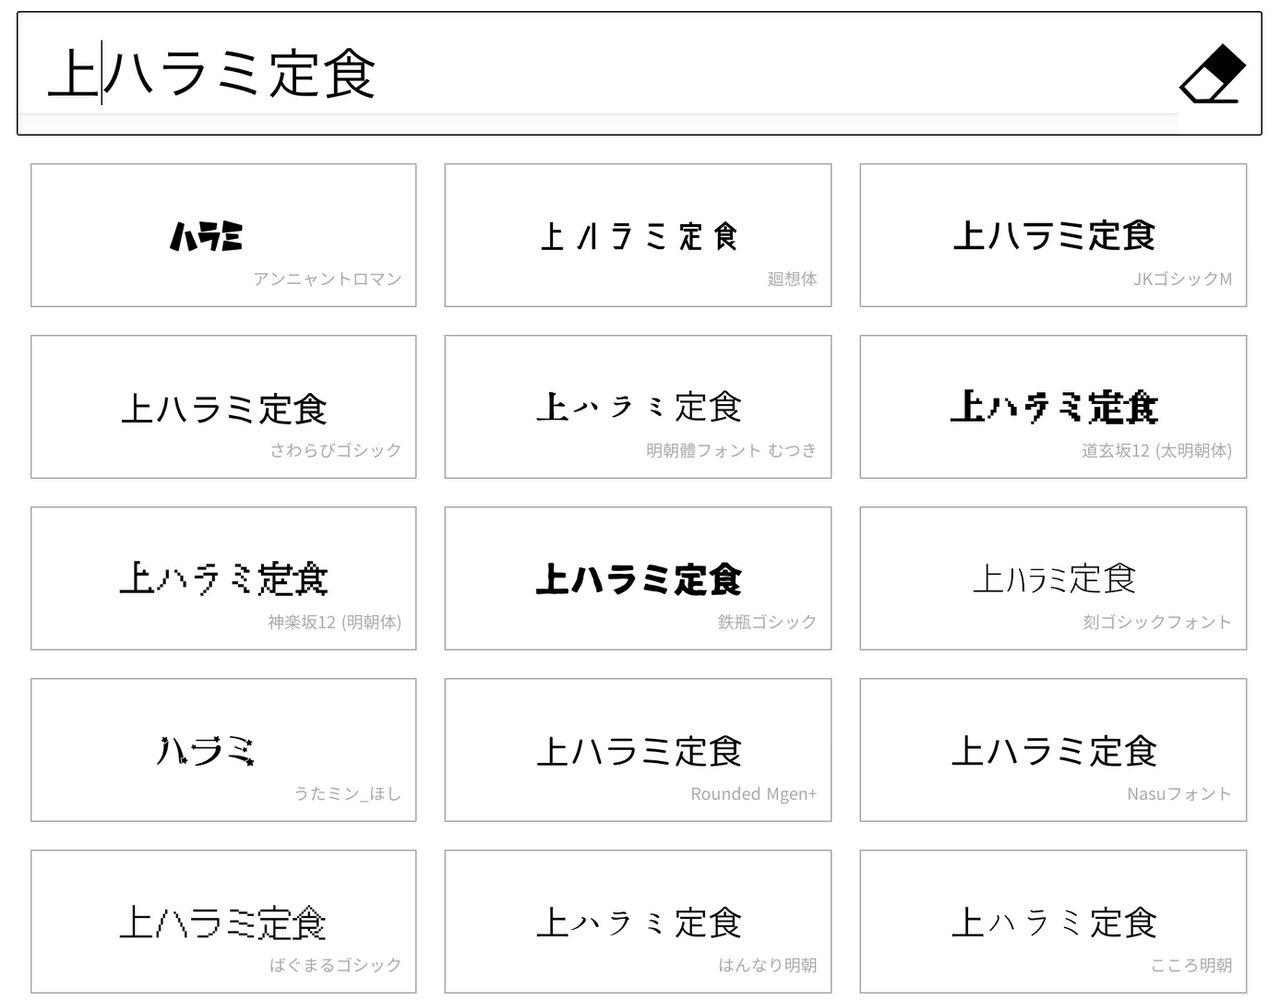 日本語フォントをためせる「ためしがき」 試したところ